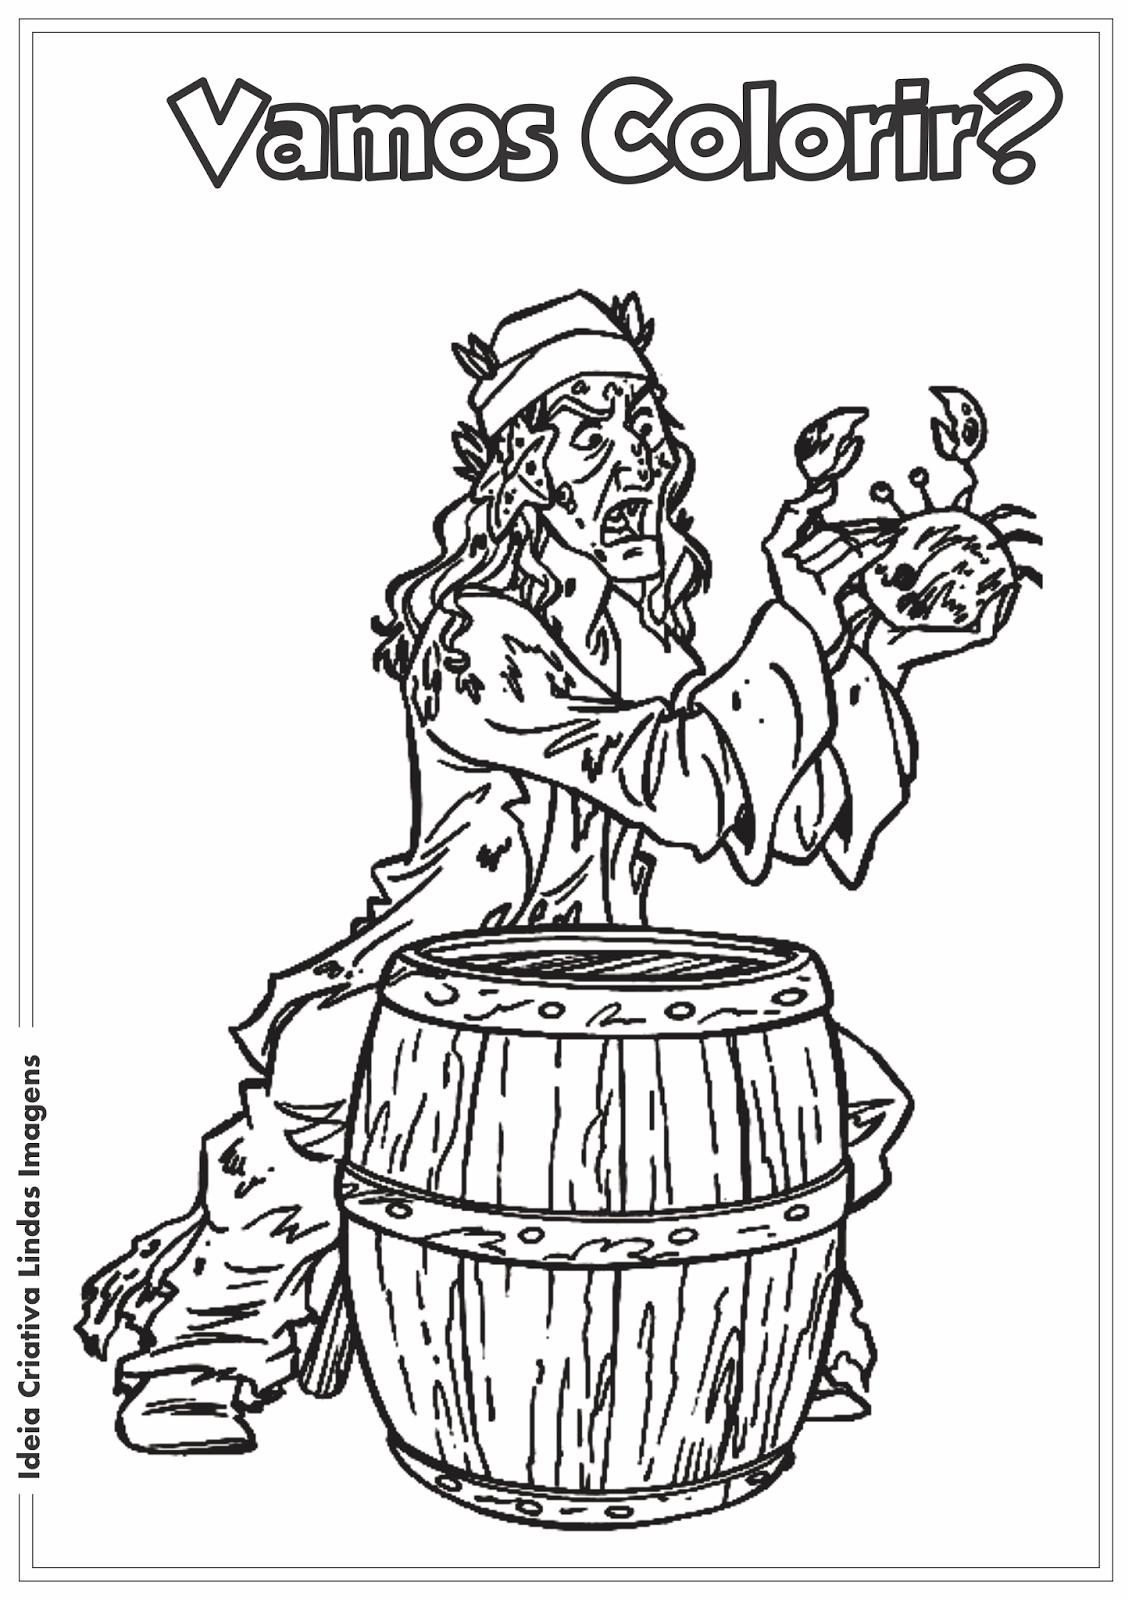 Desenho para colorir - Piratas do Caribe